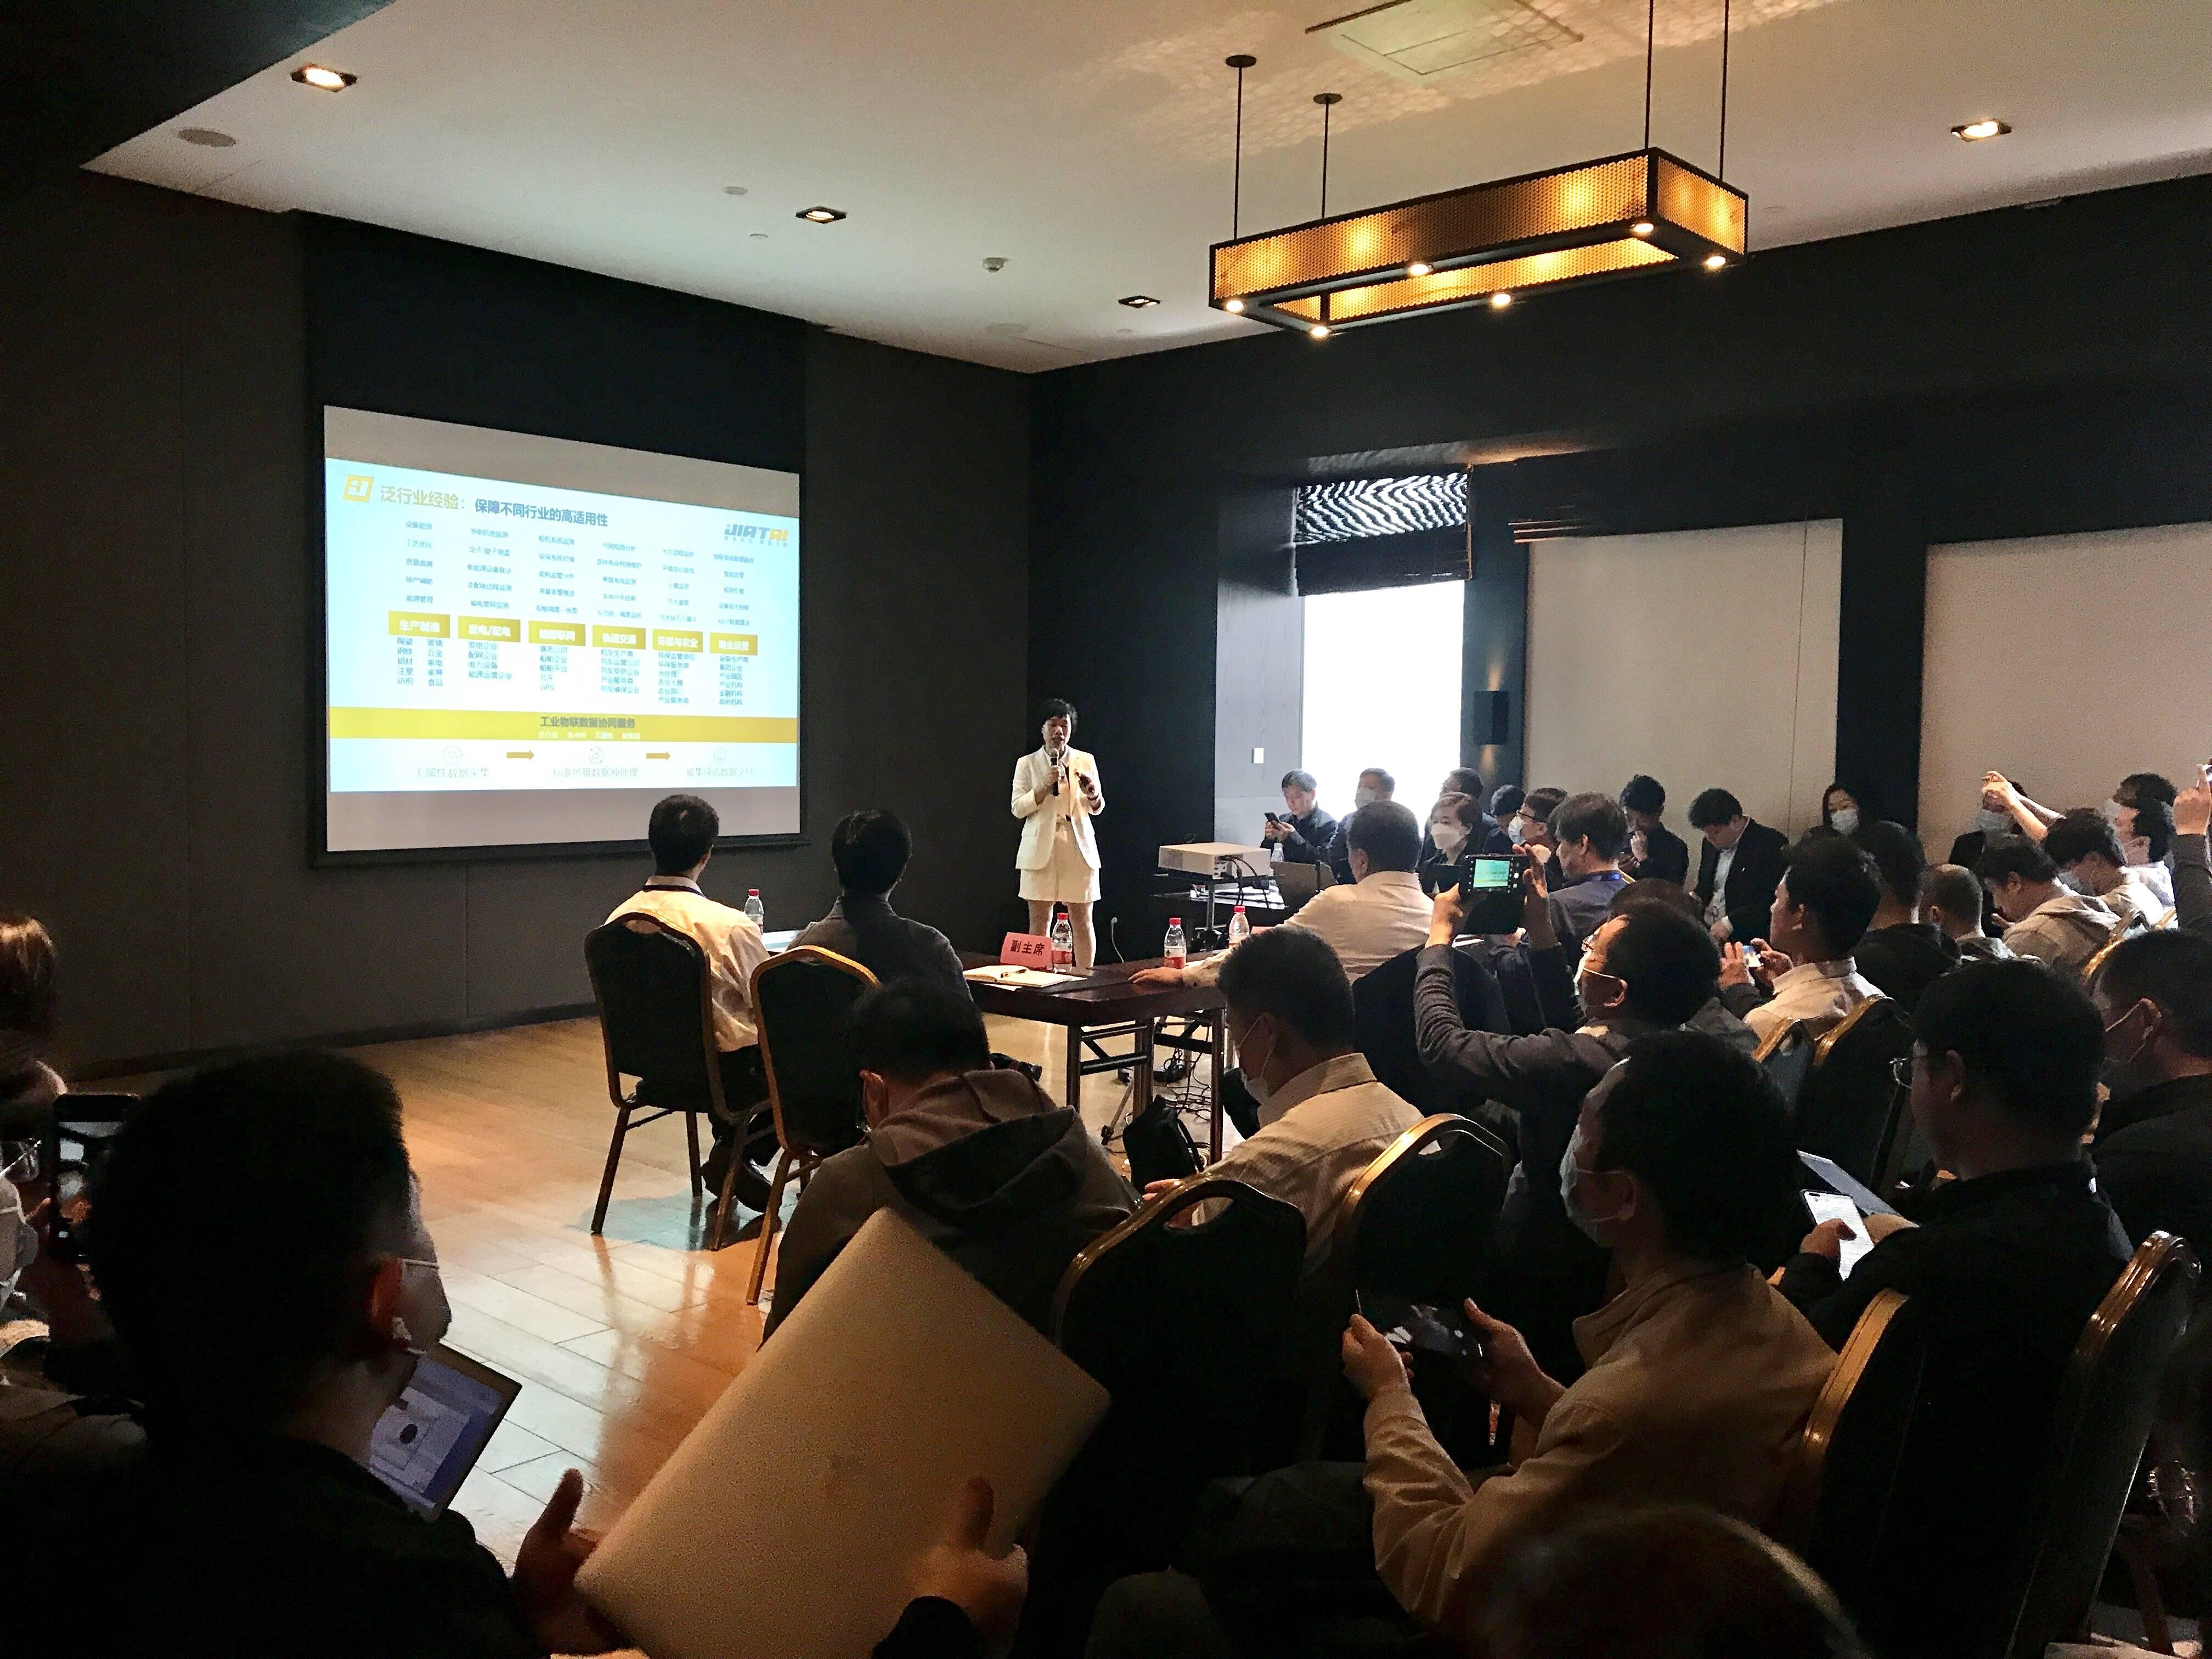 嘉泰智能受邀在工业互联网产业联盟第十六次工作组全会作专题分享